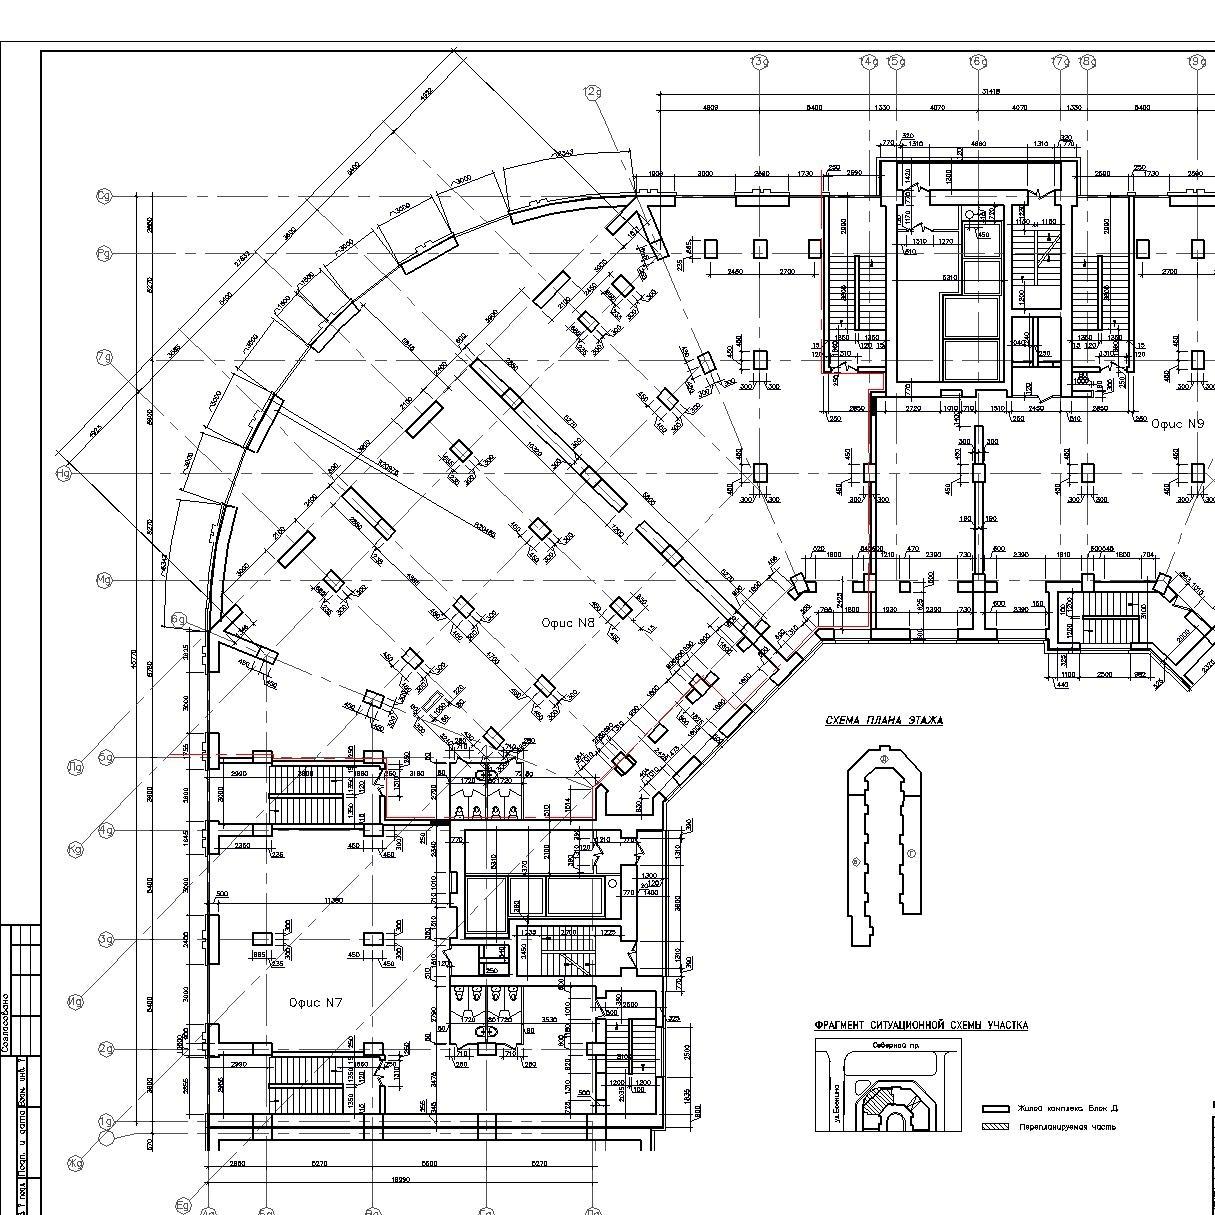 Выполняю чертежи и т.п. в AutoCAD (автокад)